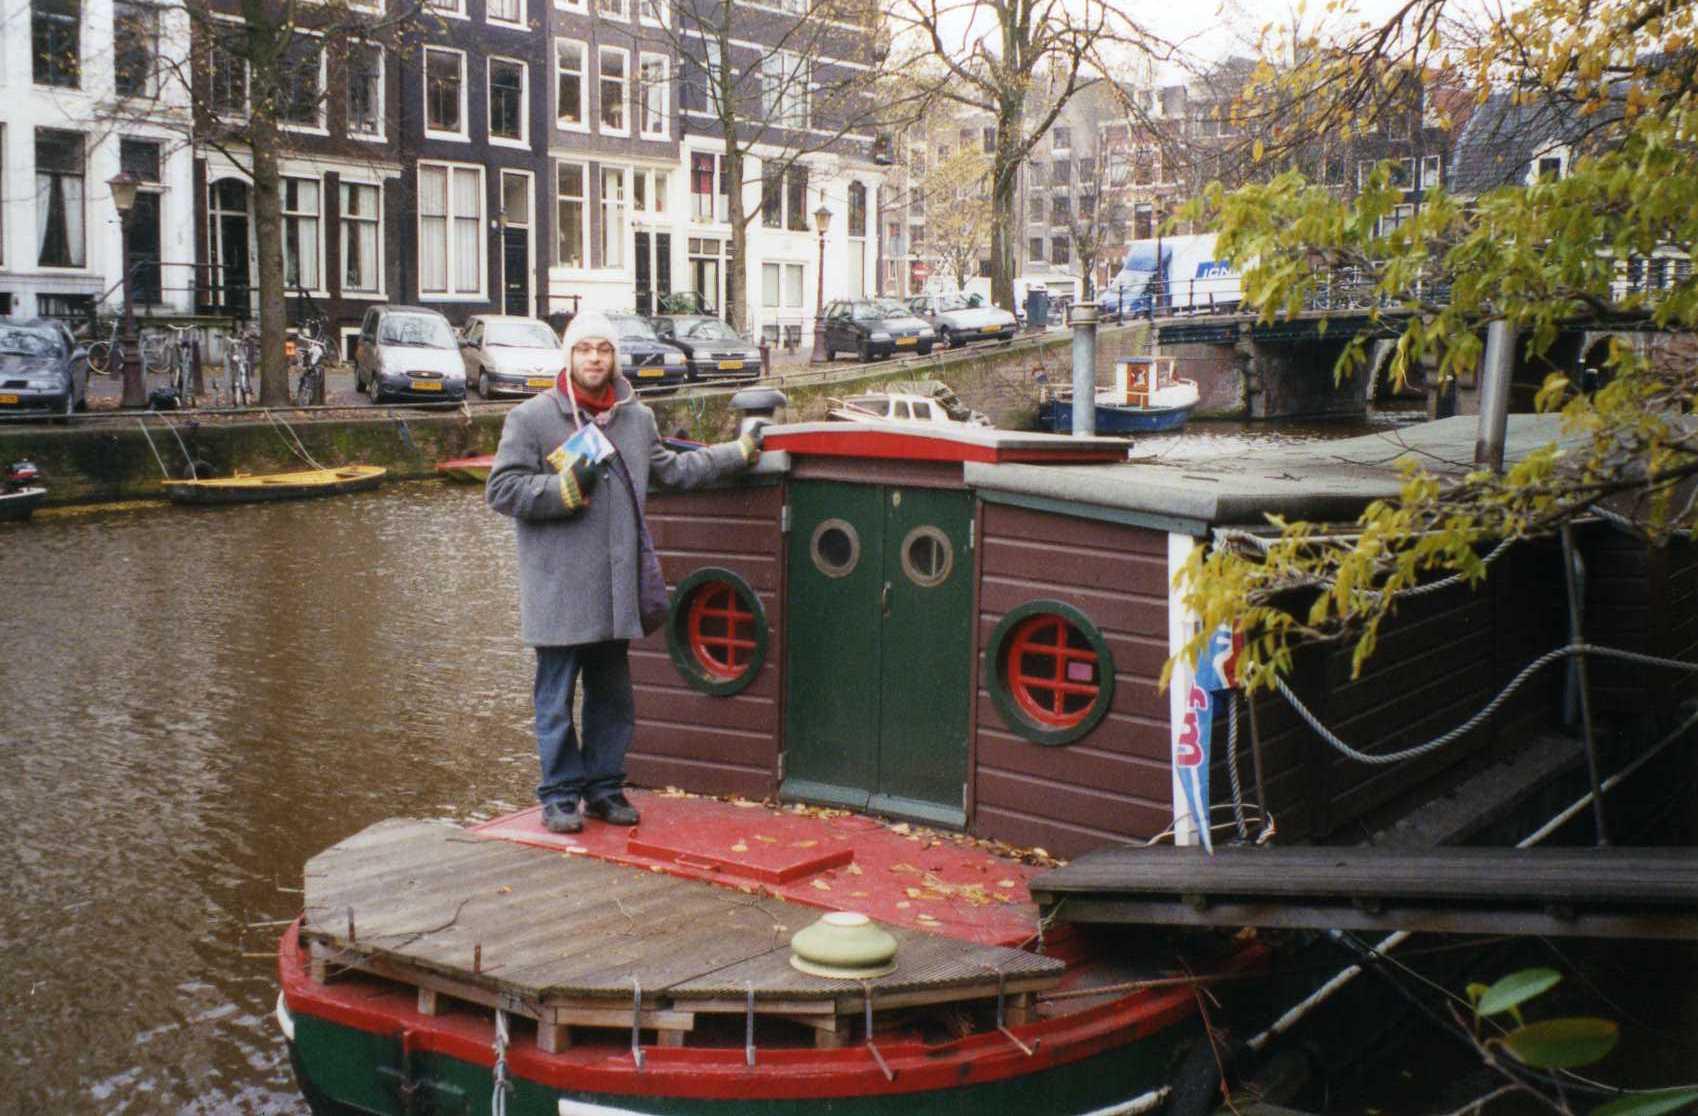 Racconti di viaggio olanda 2005 di roberto for Case galleggianti amsterdam